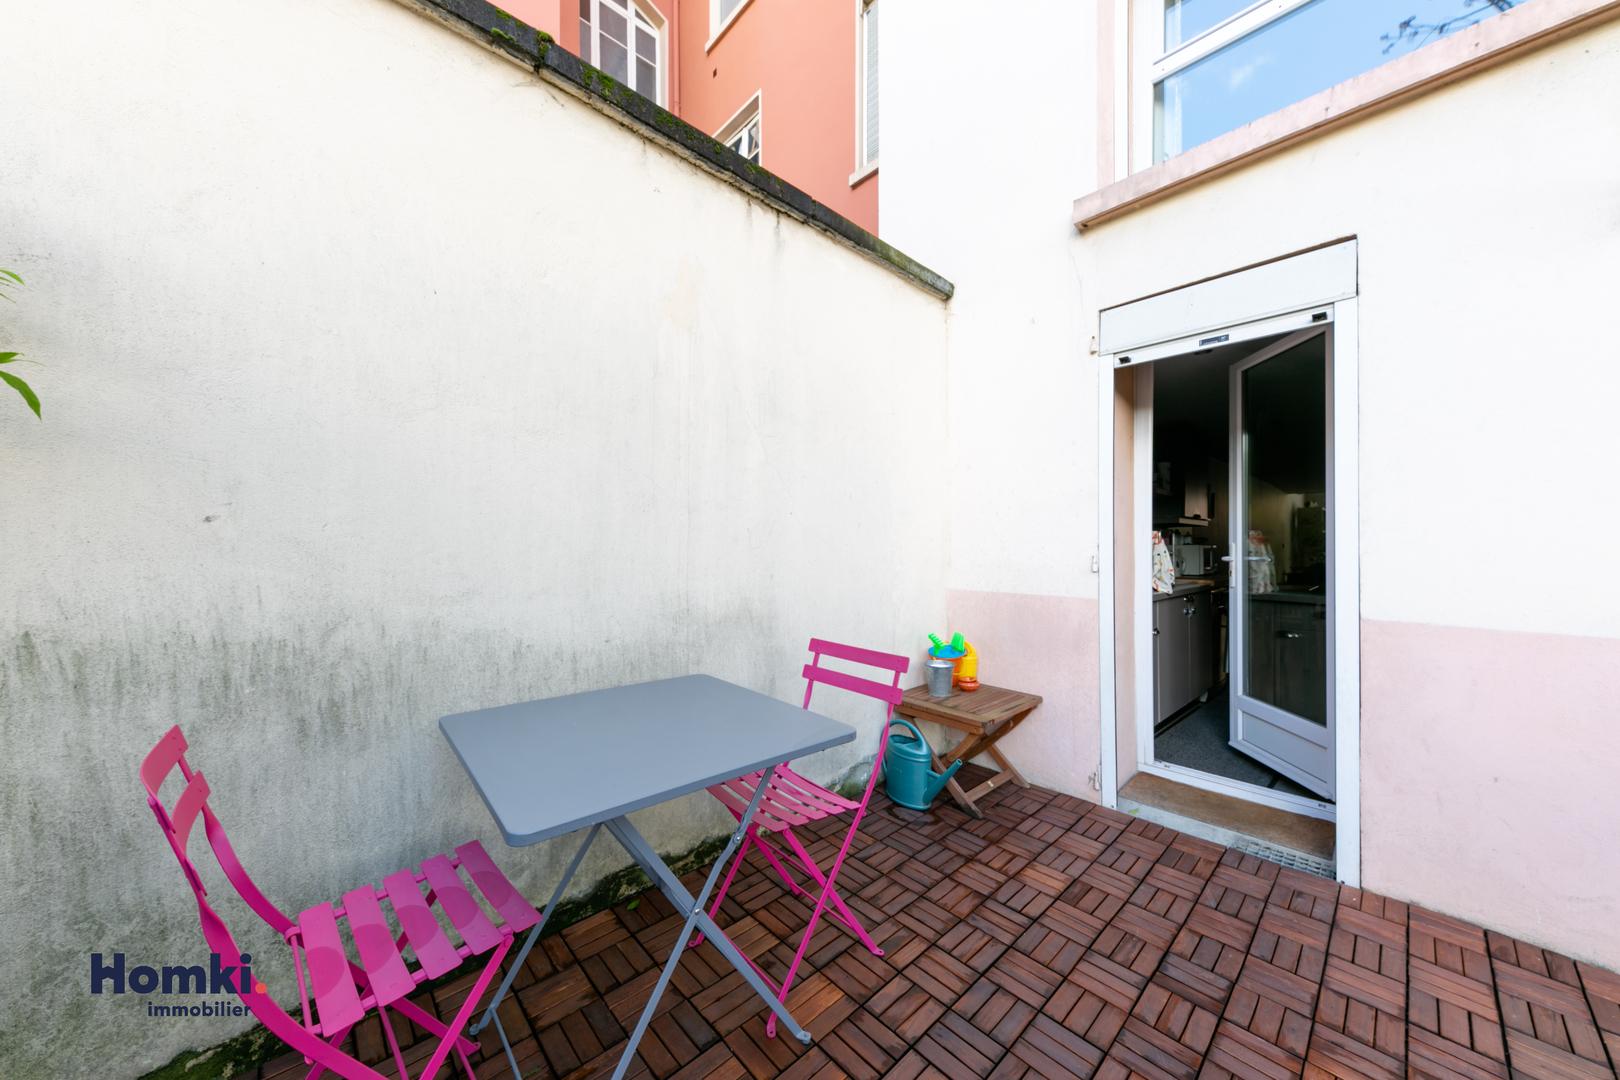 Vente appartement 115m² T3 69100_11